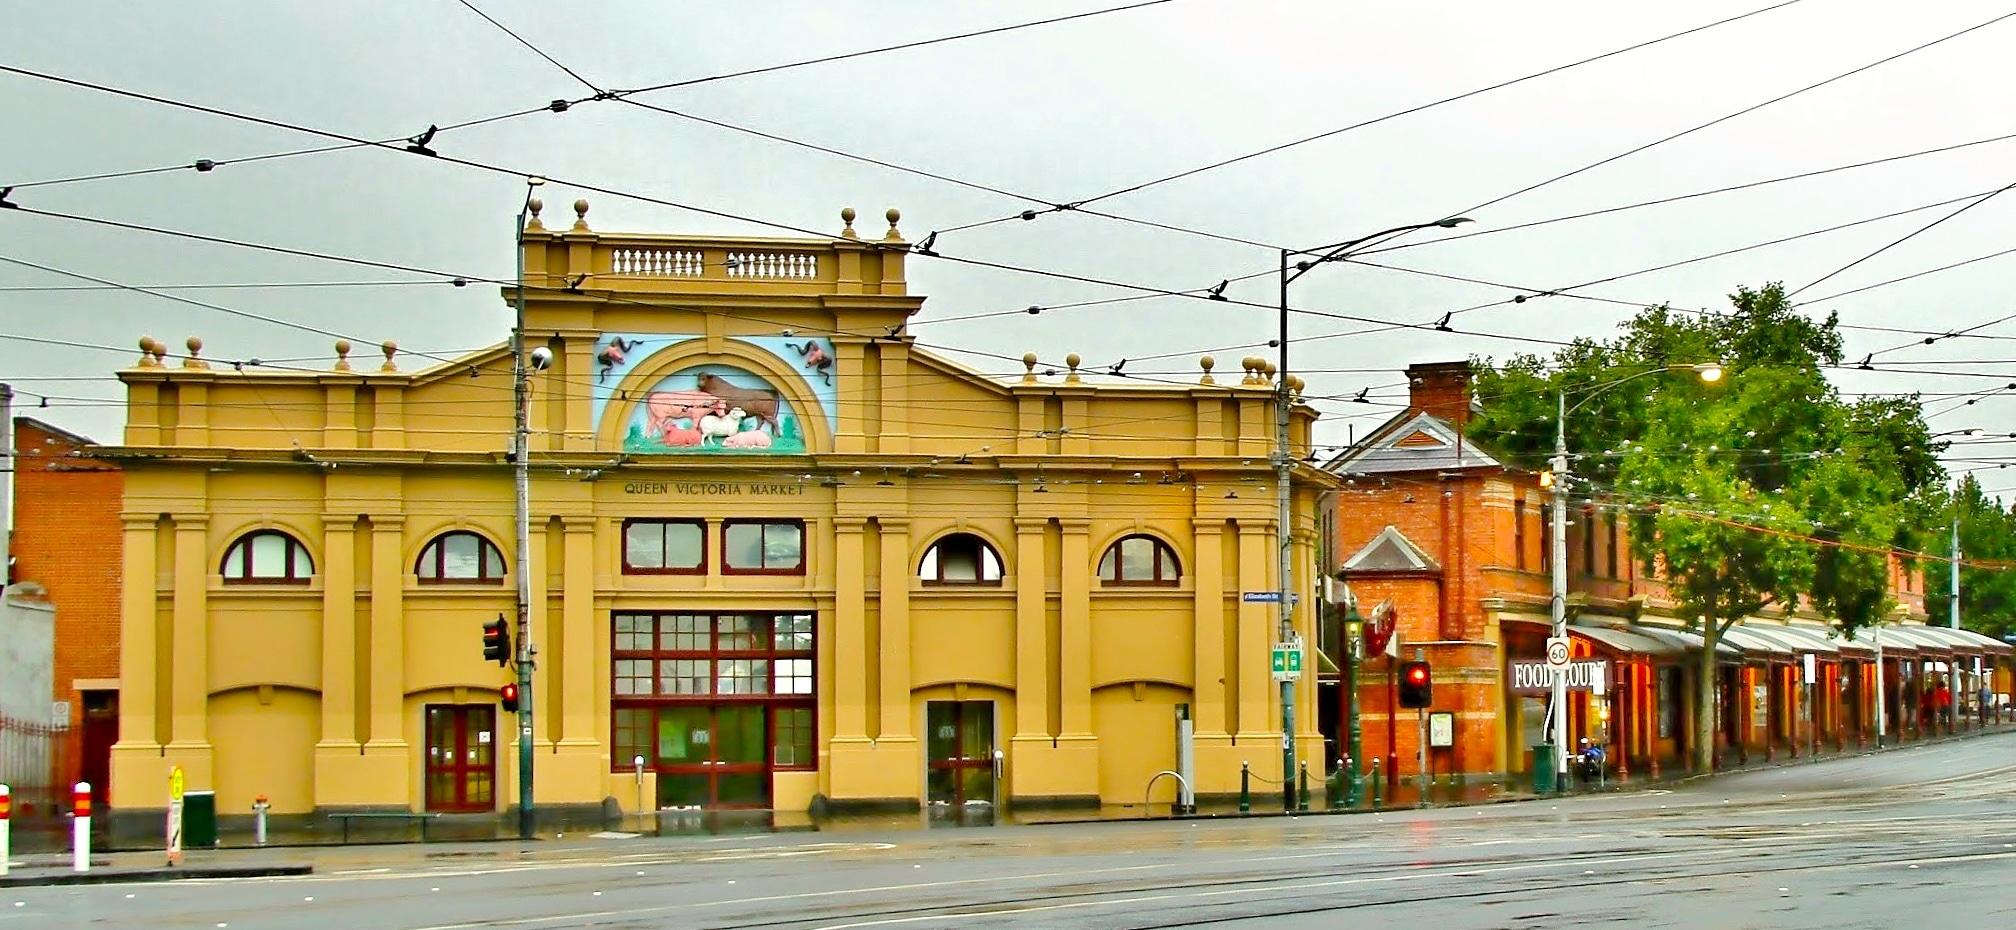 The Queen Victoria Market